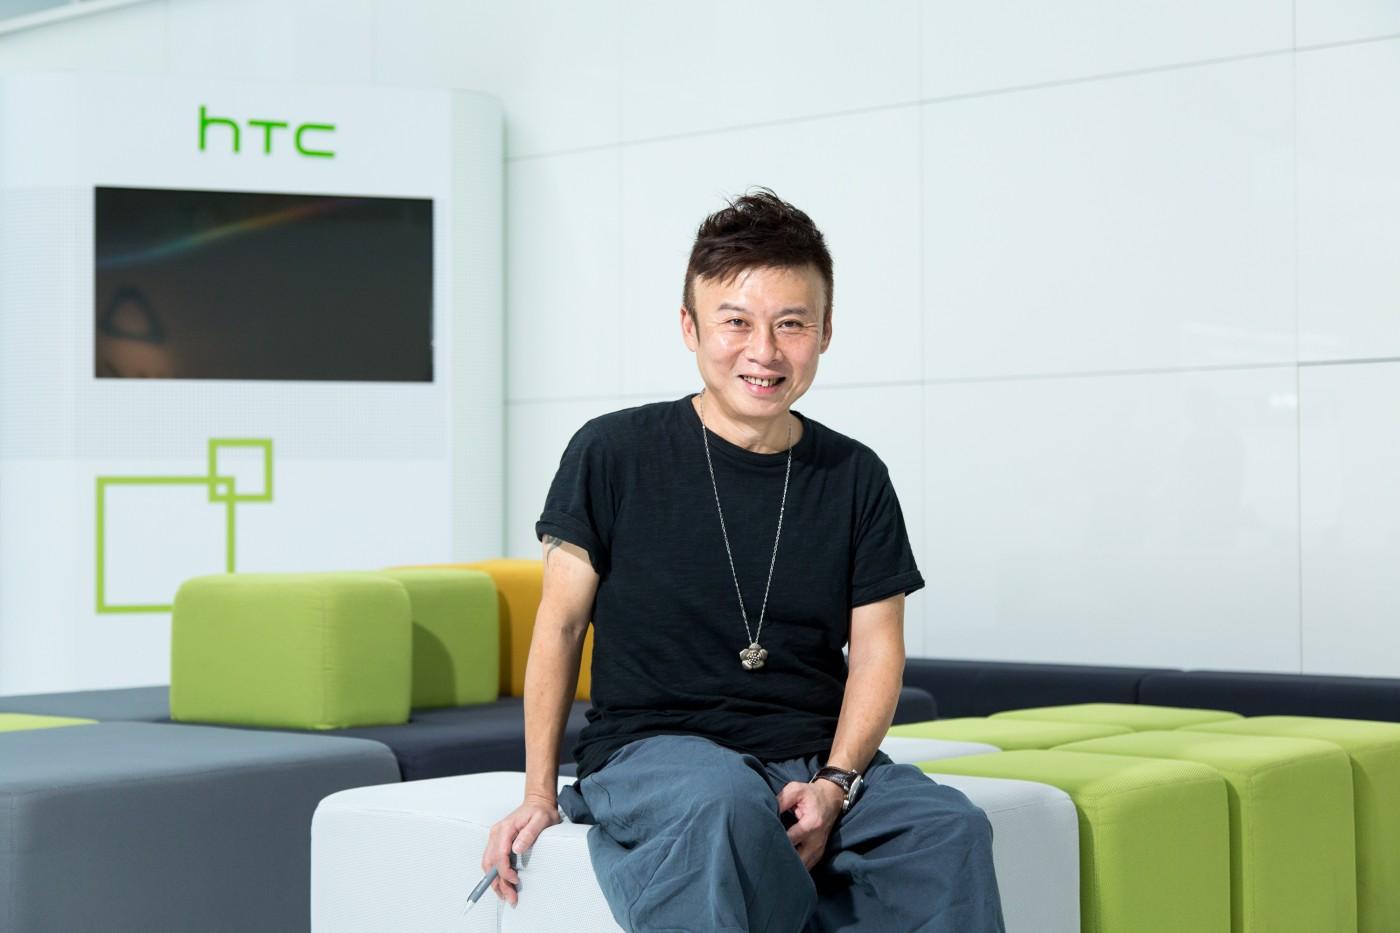 電影《家在蘭若寺》背後推手是他!HTC副總劉思銘:VR帶動影視產業轉型